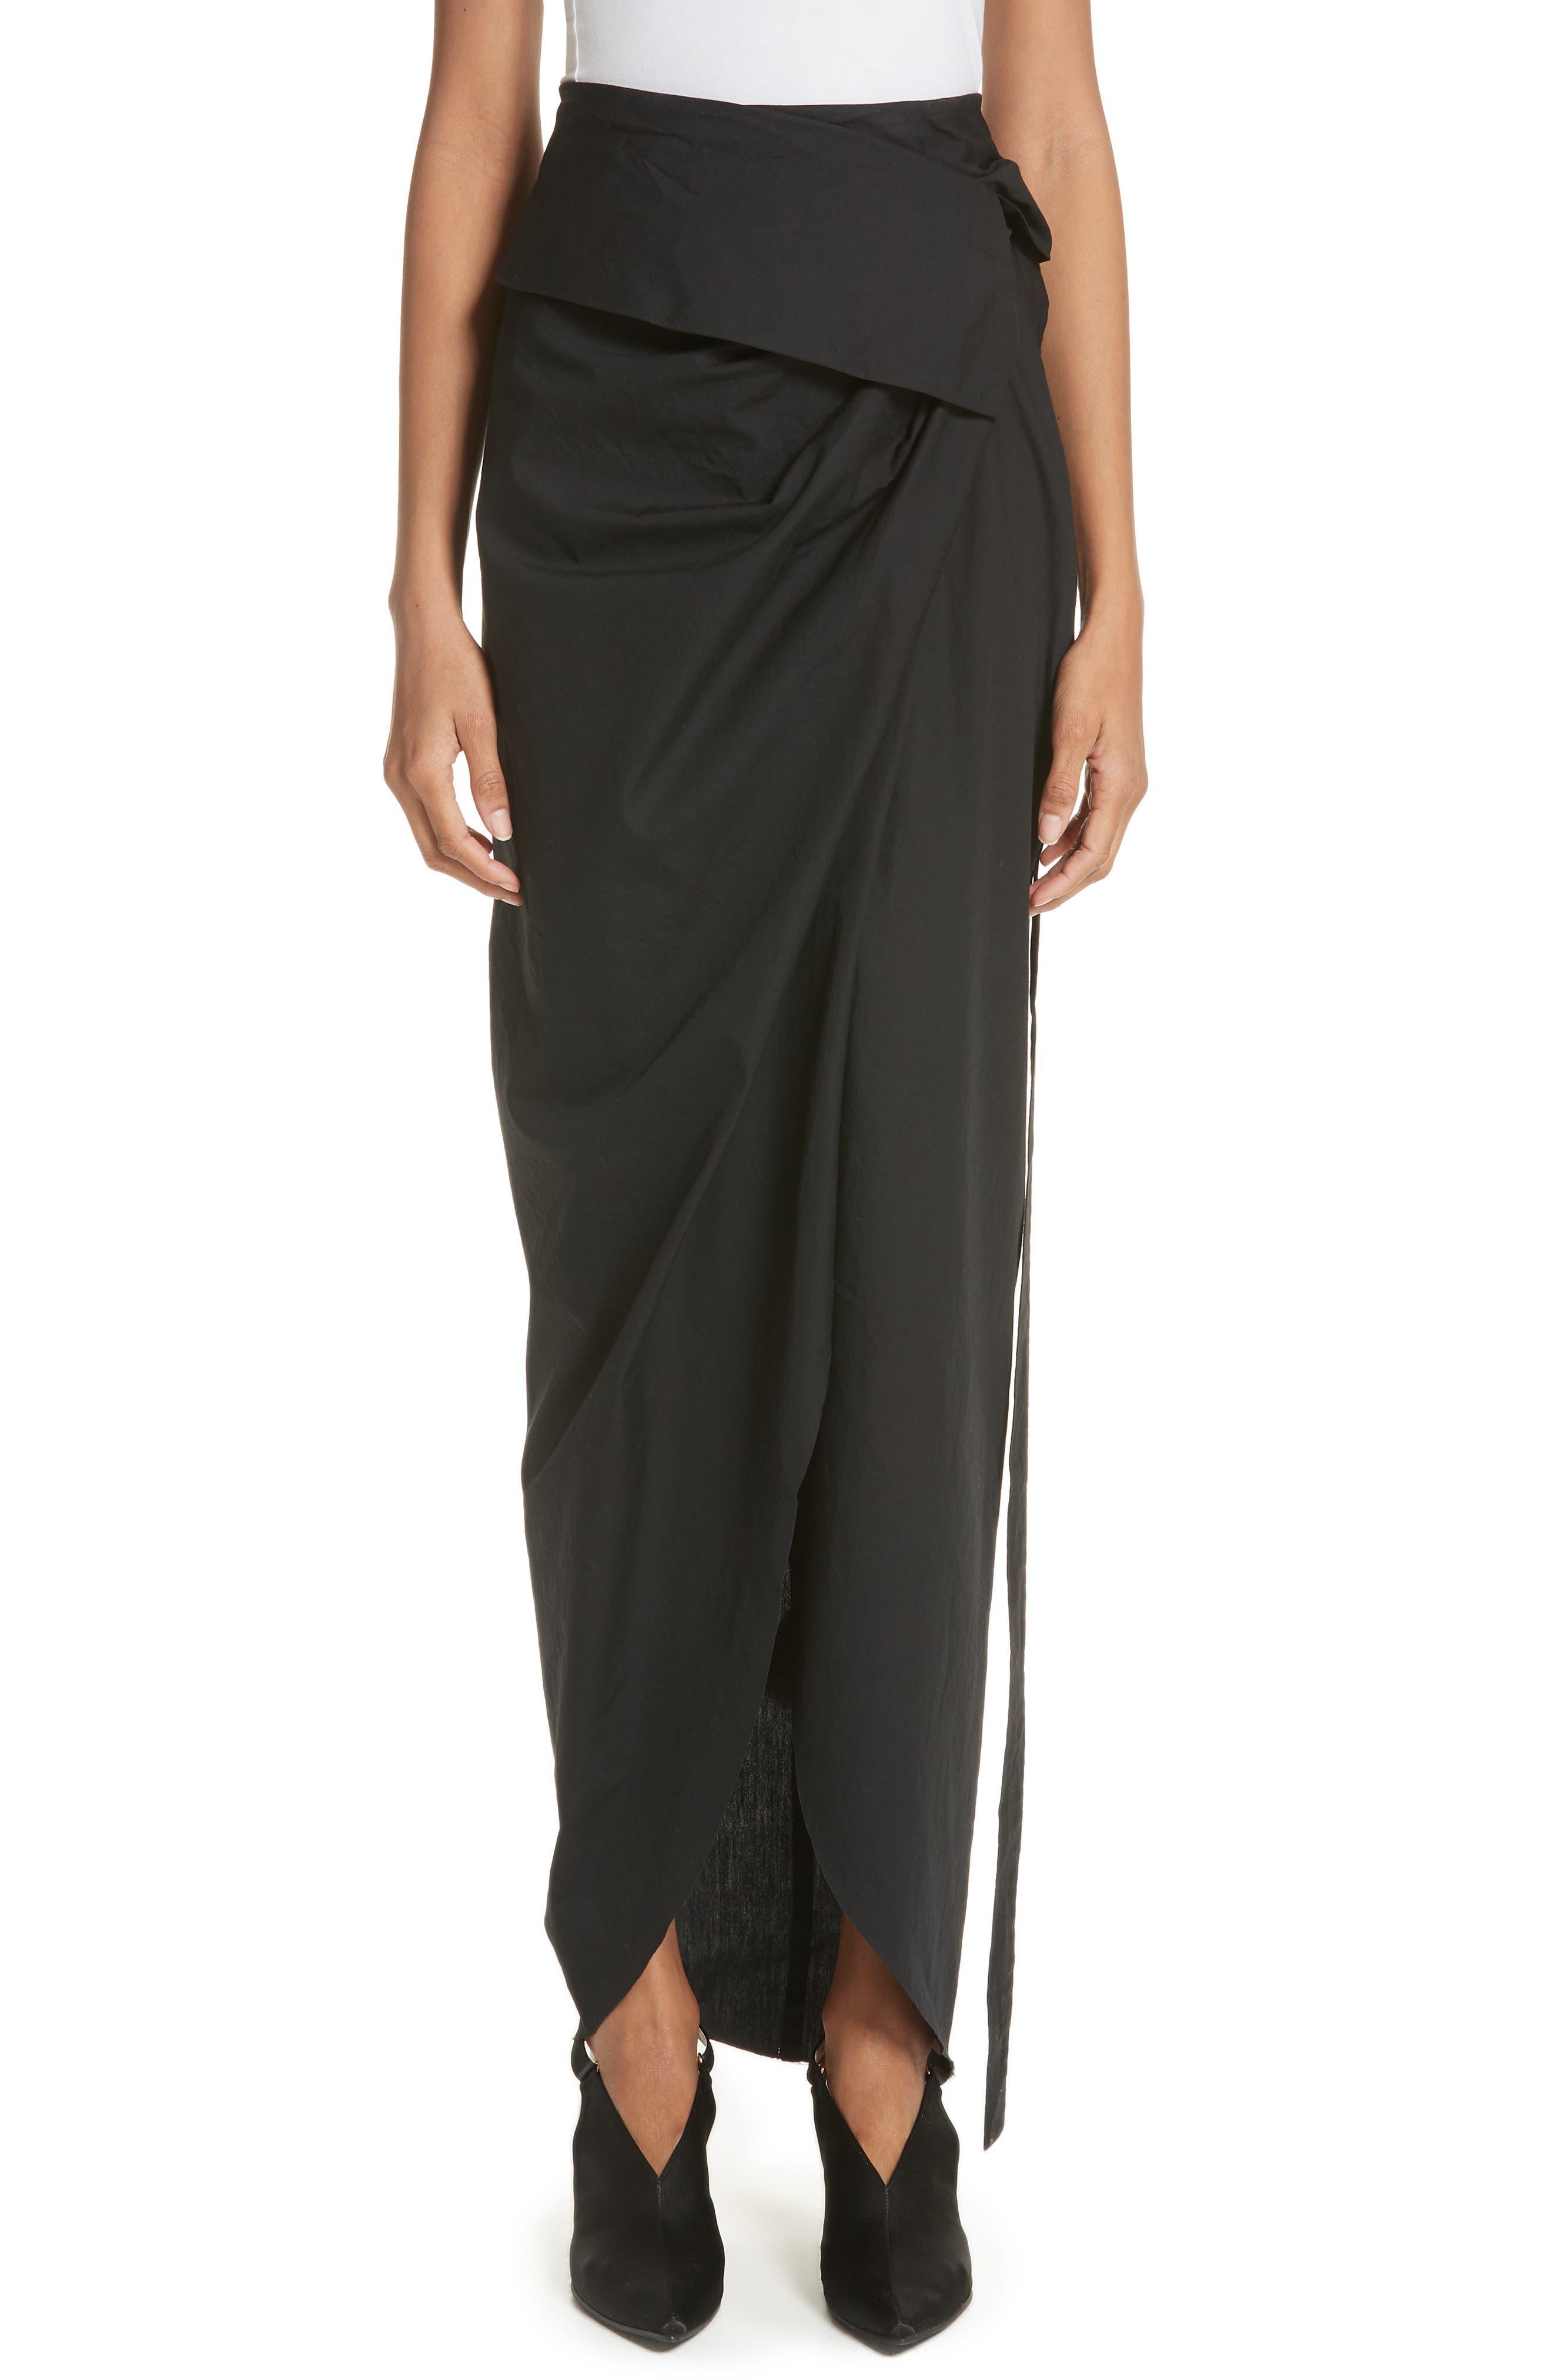 A.W.A.K.E. High Waist Wrap Skirt